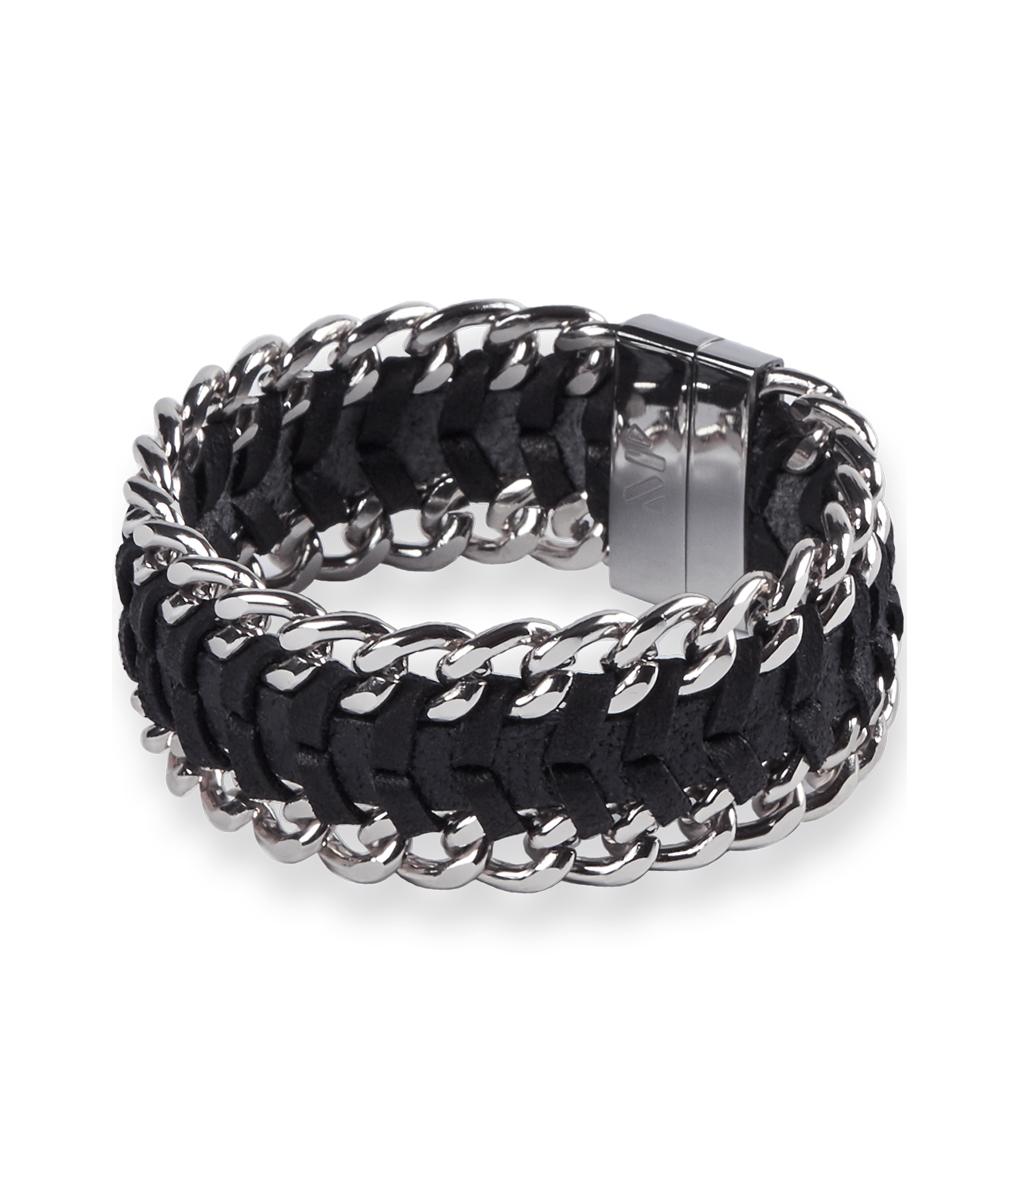 Bracelet Aska Chain Cuir Noir